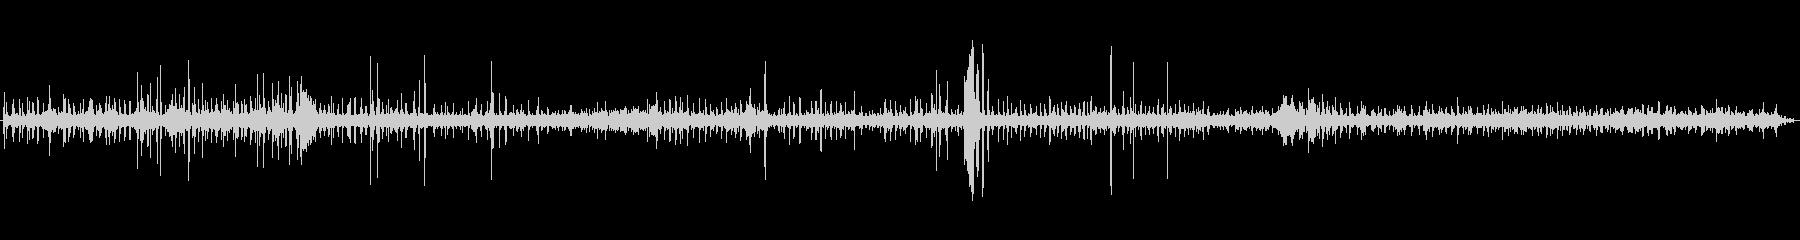 木にマイクを設置して数時間録音したもの…の未再生の波形